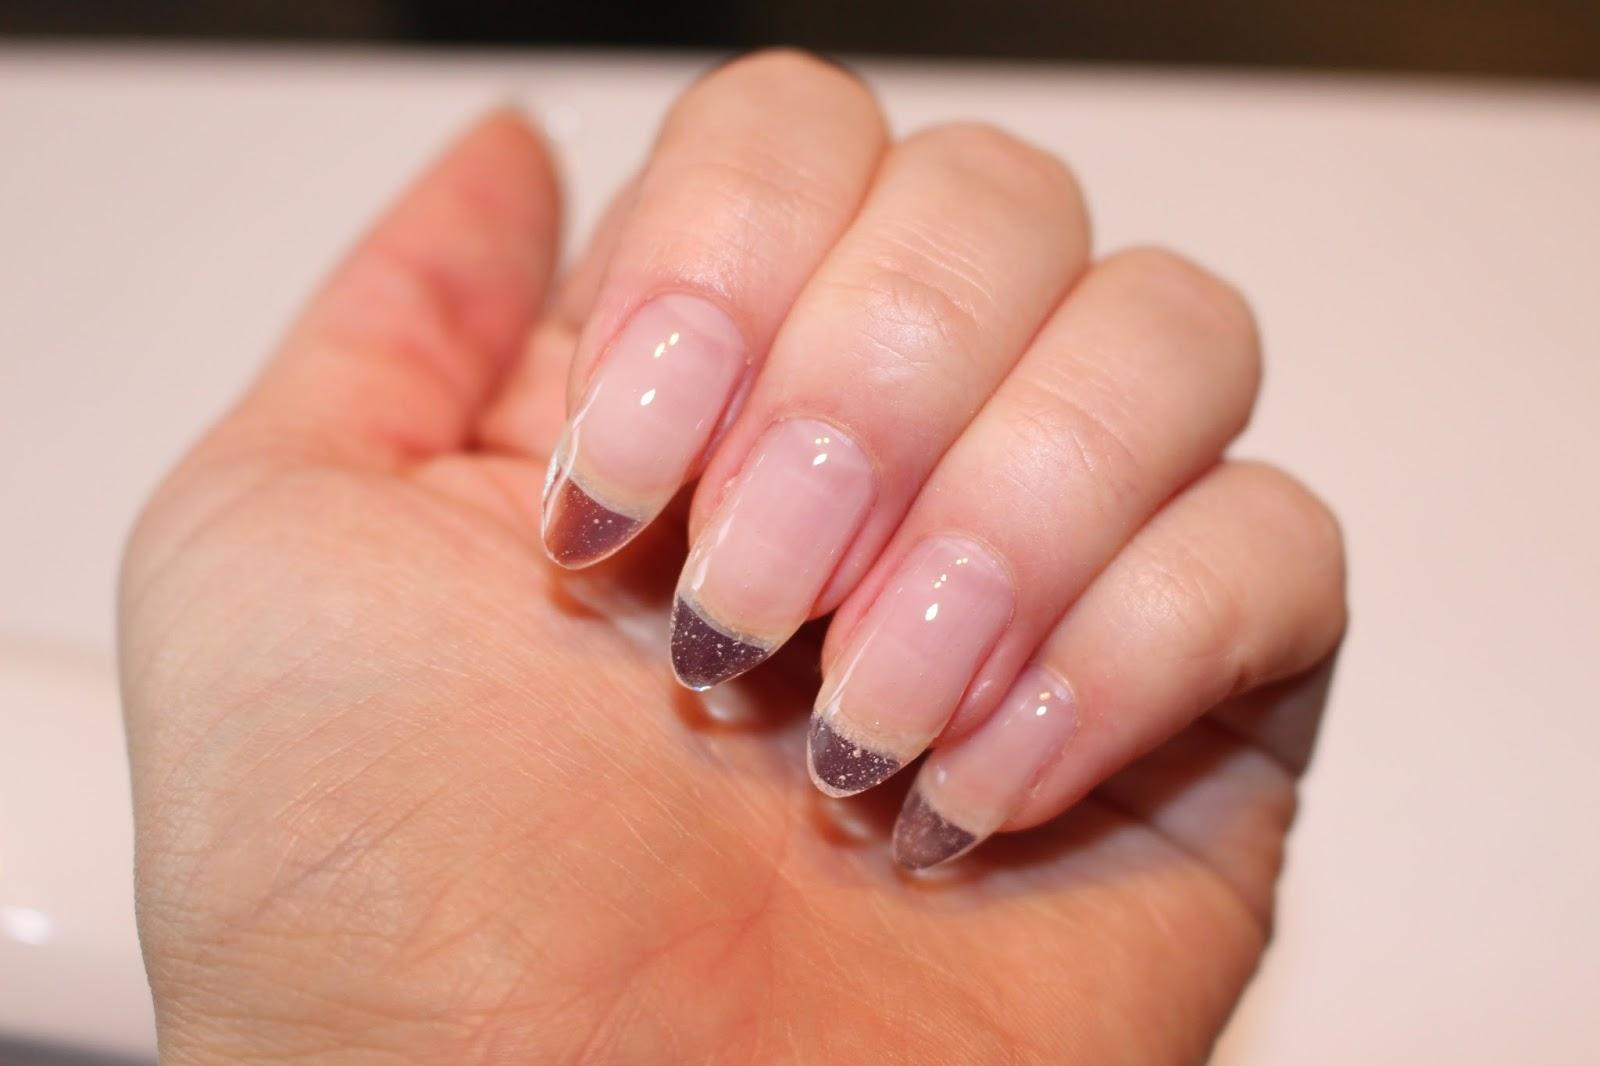 Semilac Hard żelowe paznokcie fake nails polish lakier UV gdzie kupić jak zrobić diamond cosmetics Poznań poland long plastic instagram hola paola